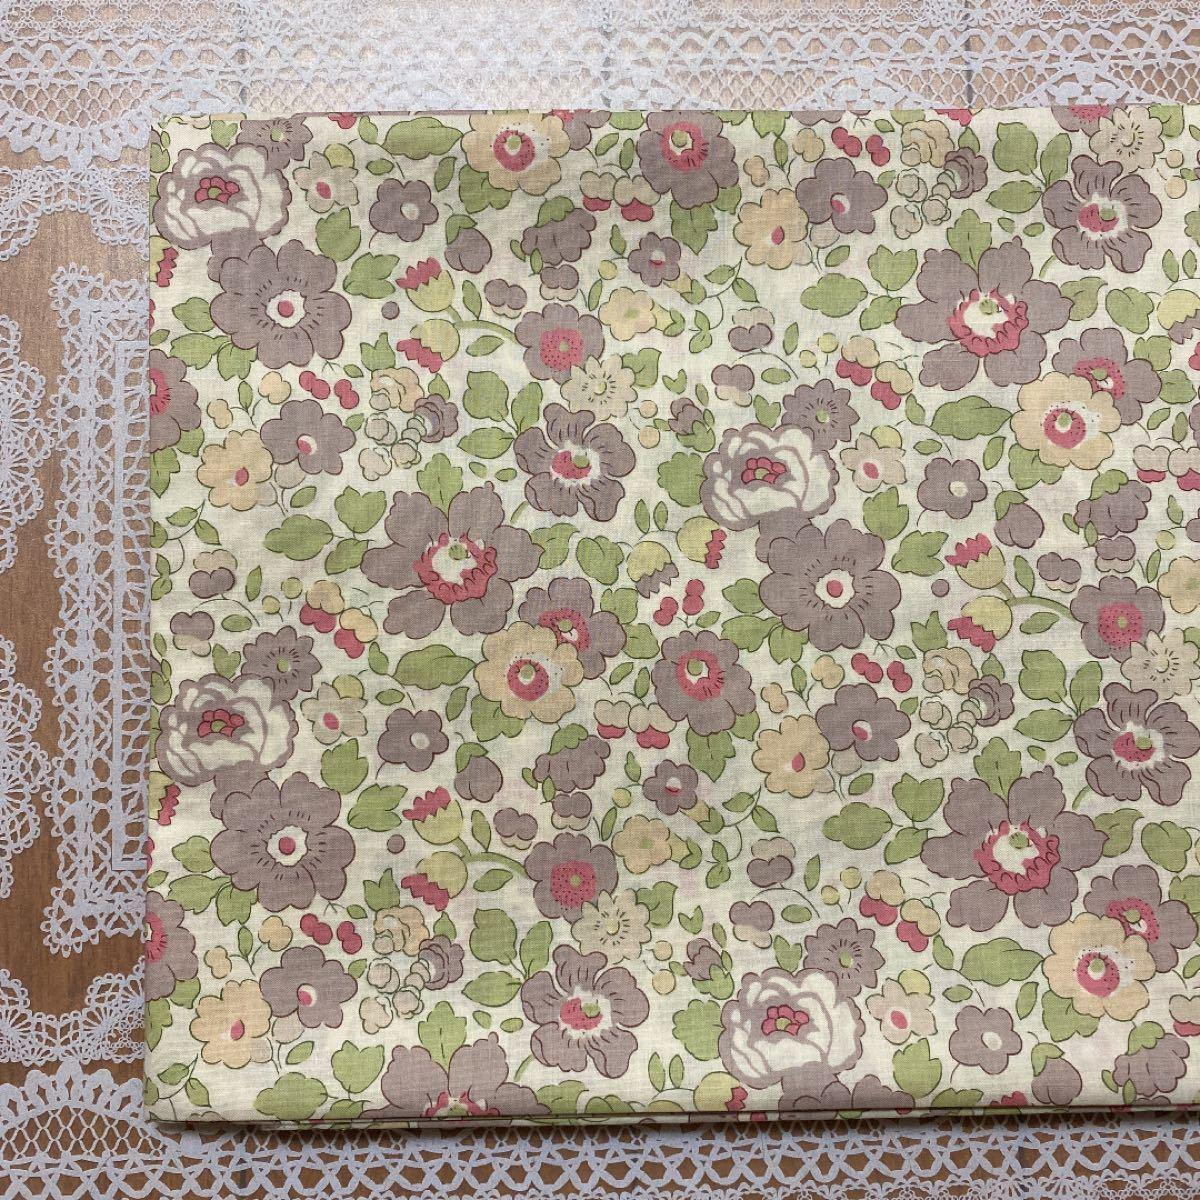 リバティ ベッツィ ブラウングレー・クリームイエロー系 生地幅×約50cm タナローン